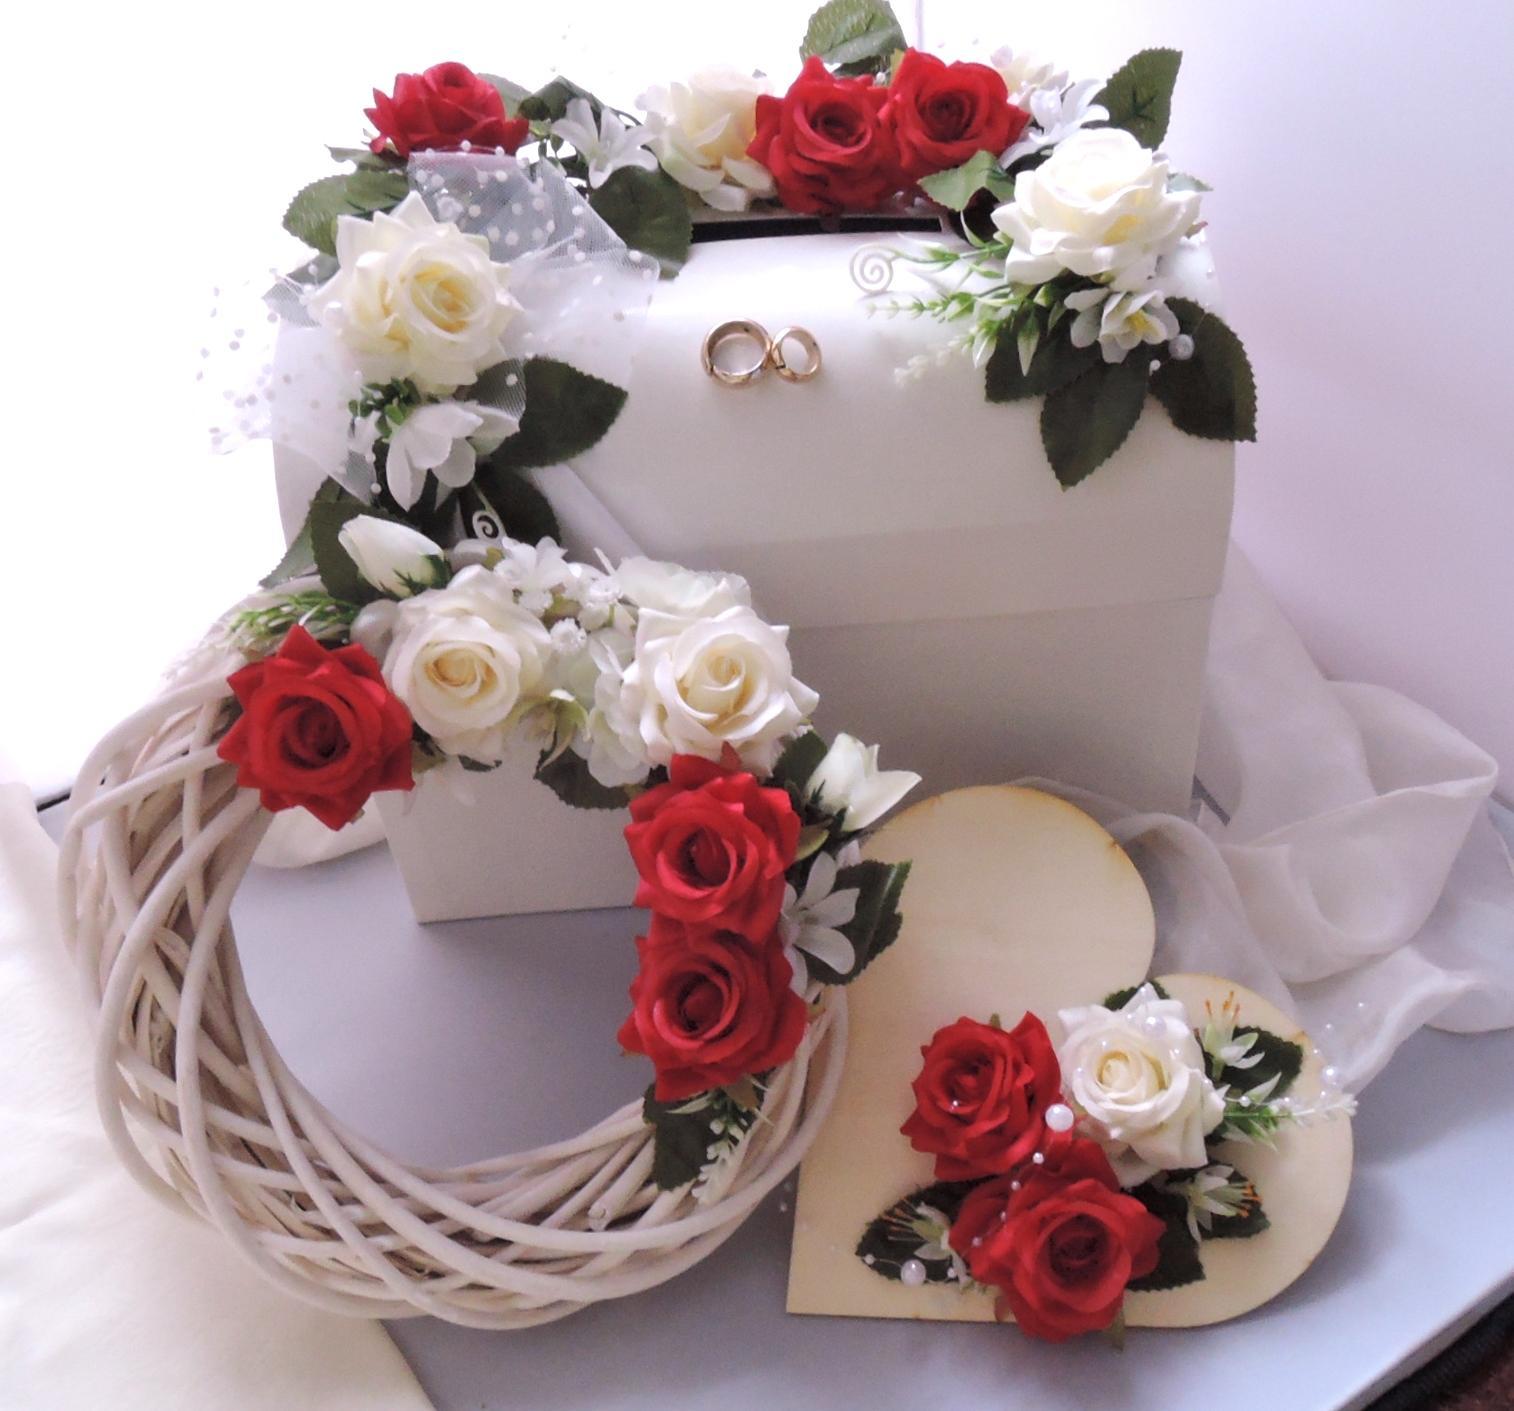 Svatební sada k pronájmu - Obrázek č. 1